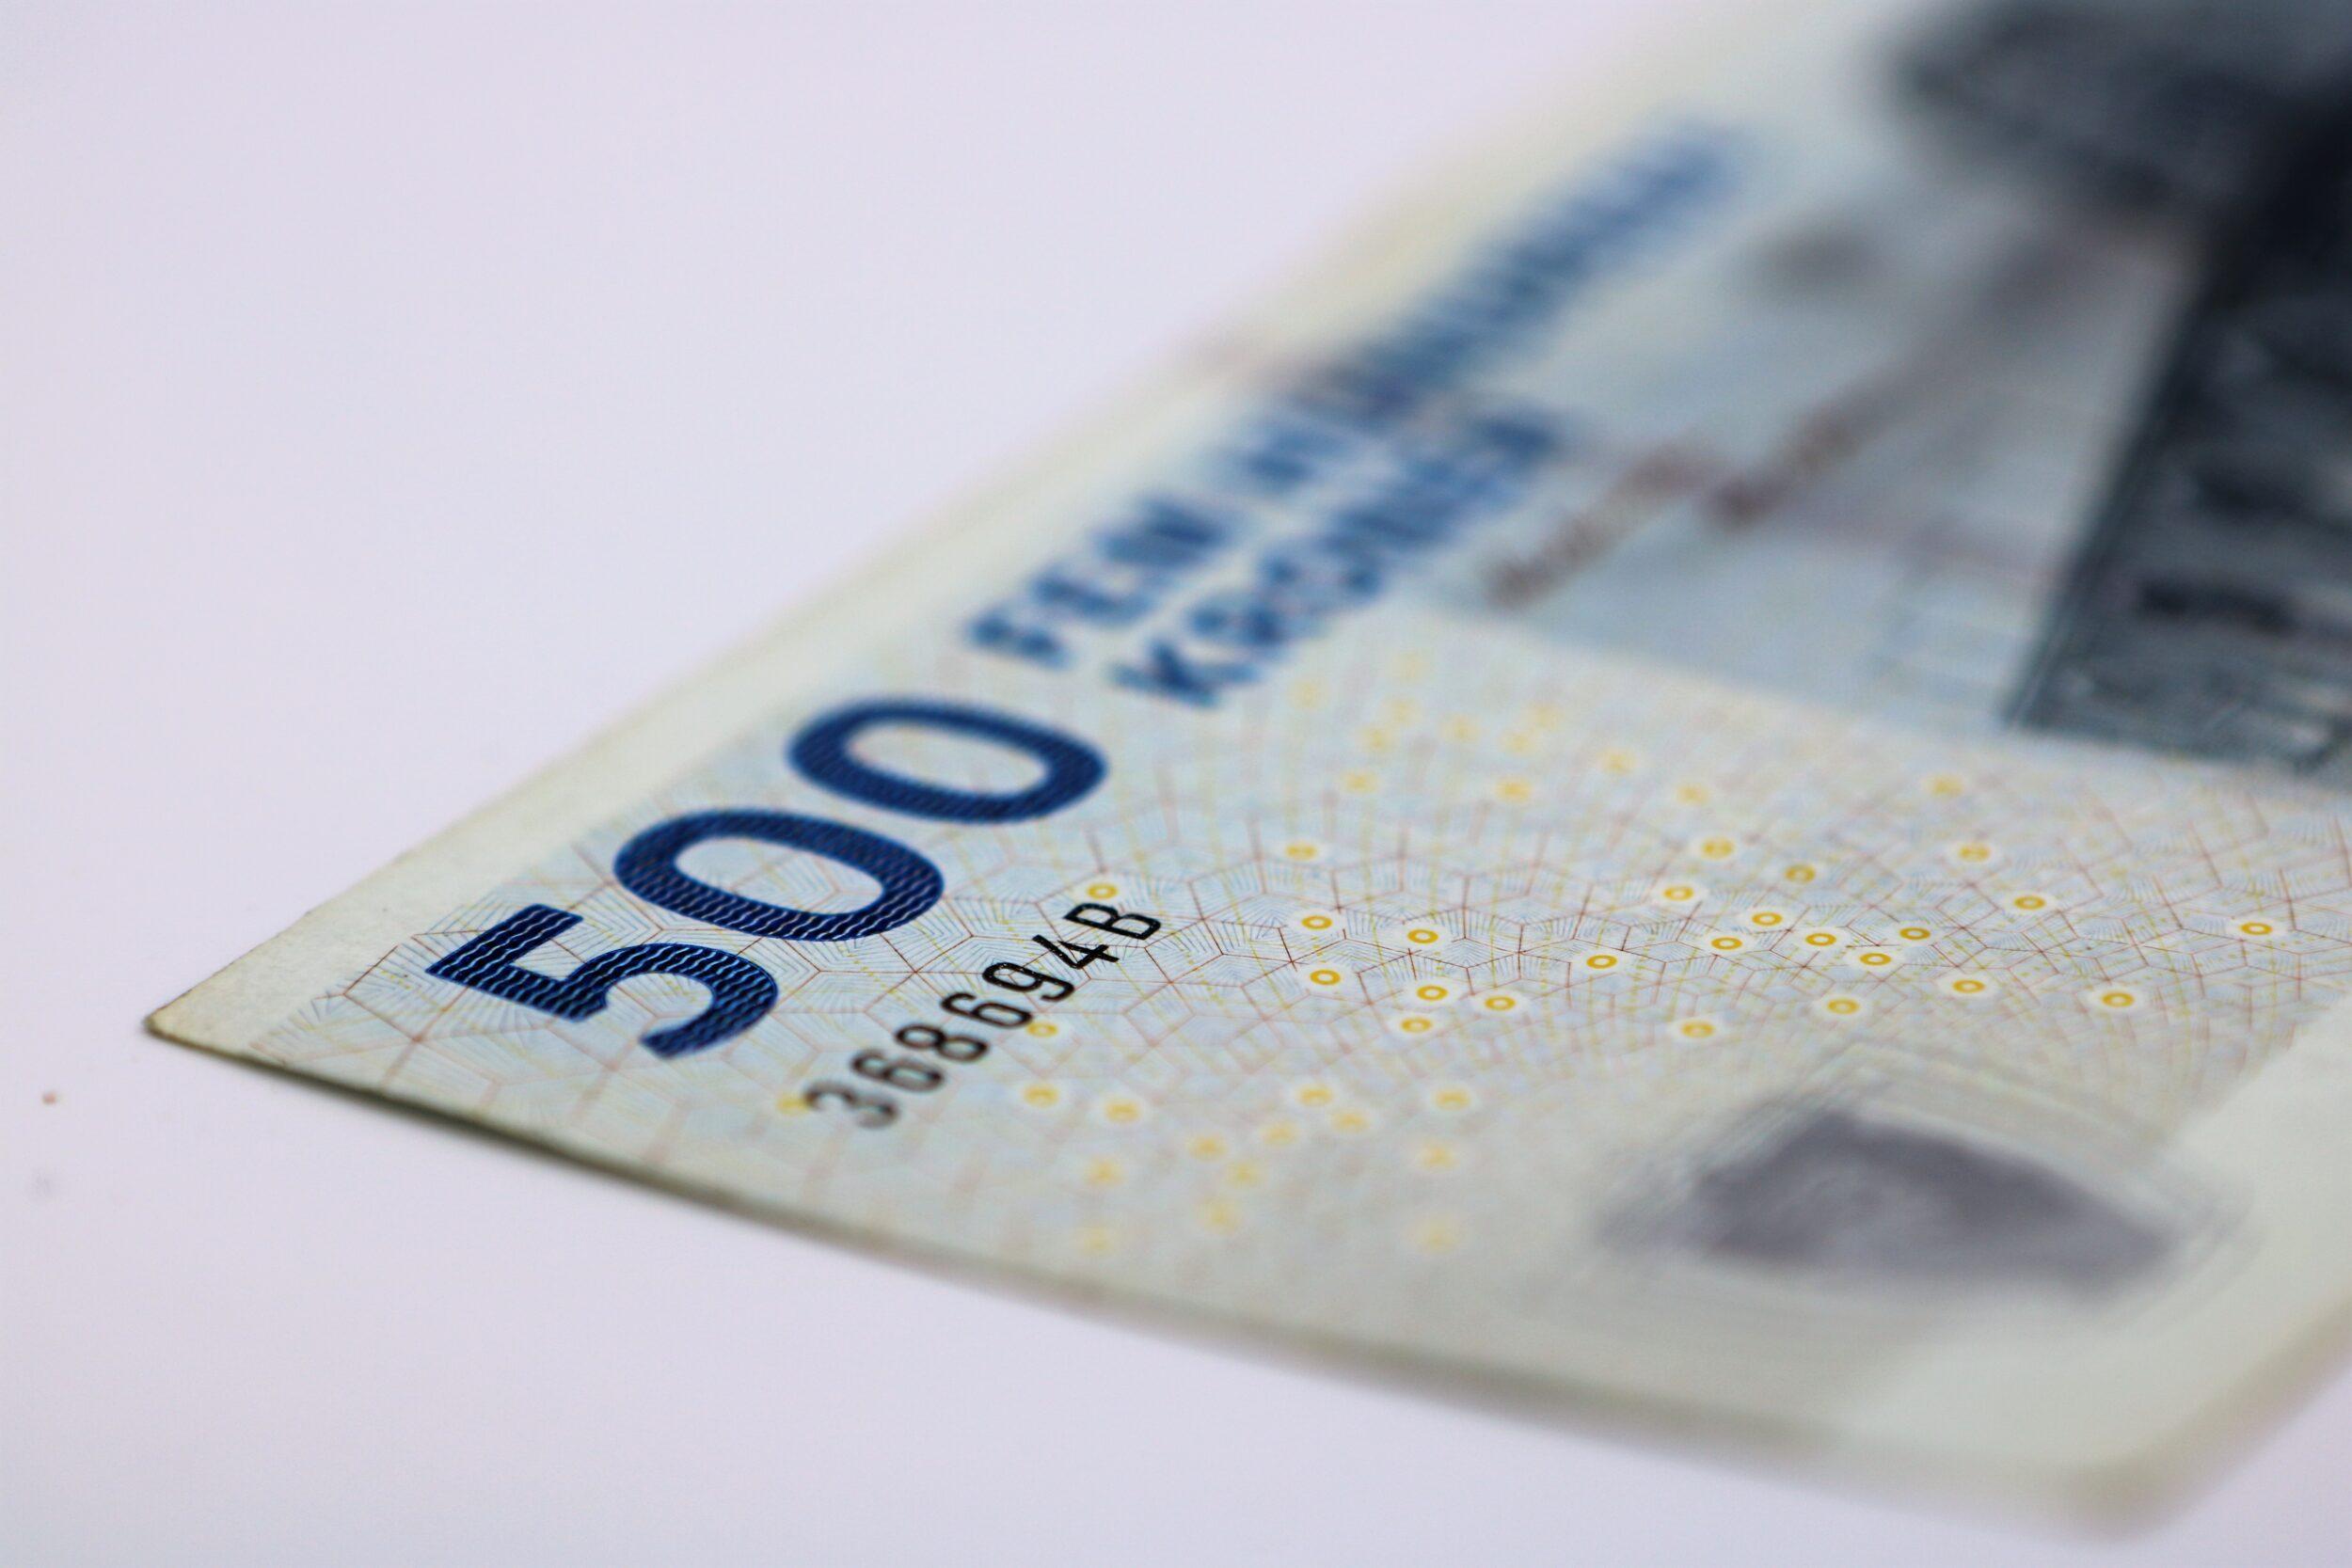 Fejl i ejendomsskattebilletter